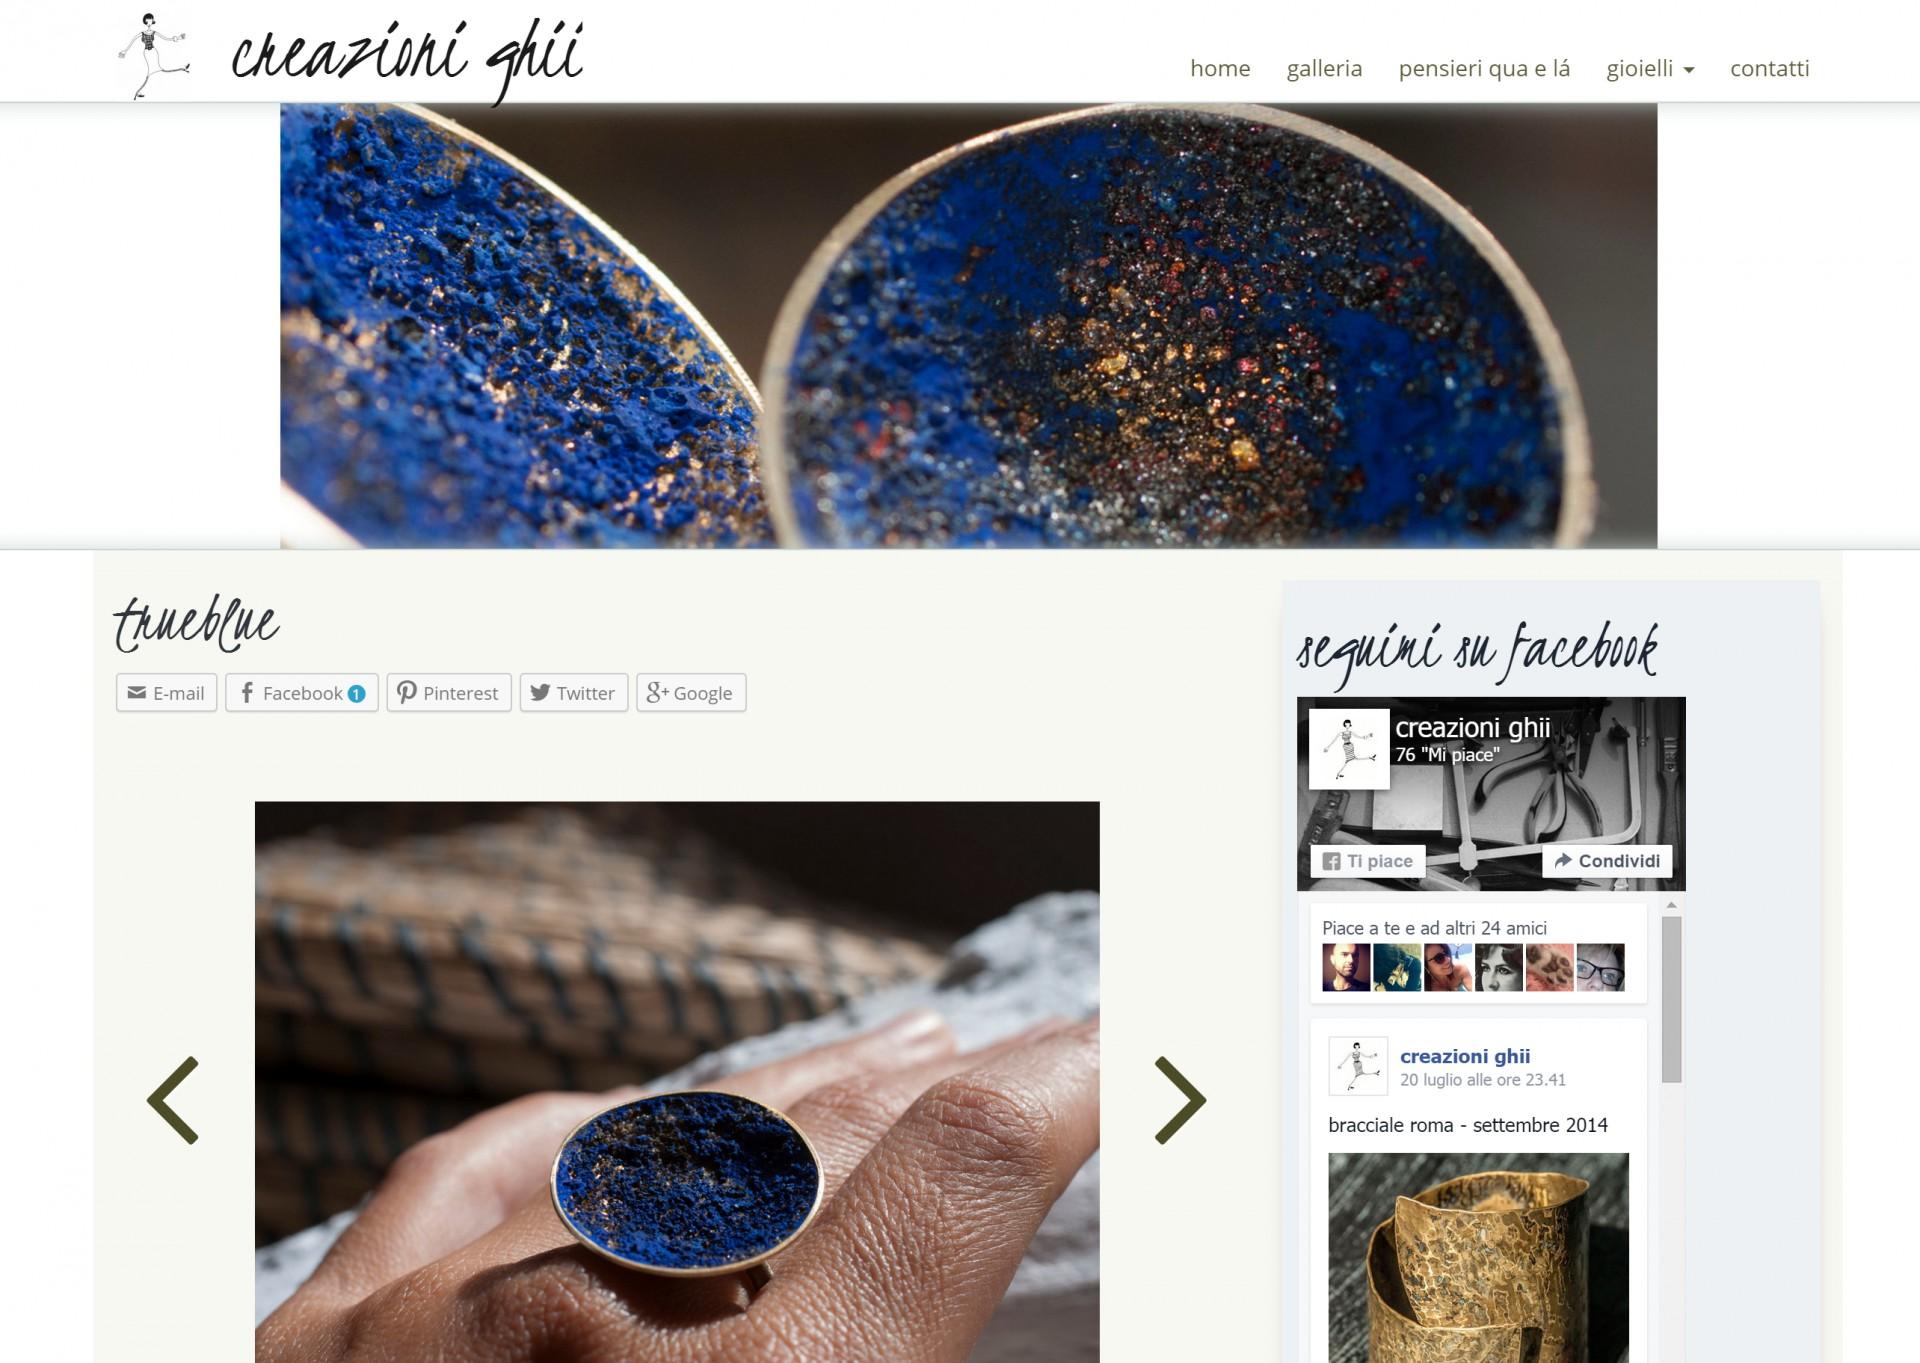 Creazioni ghii - lavori web - Michele Settembre